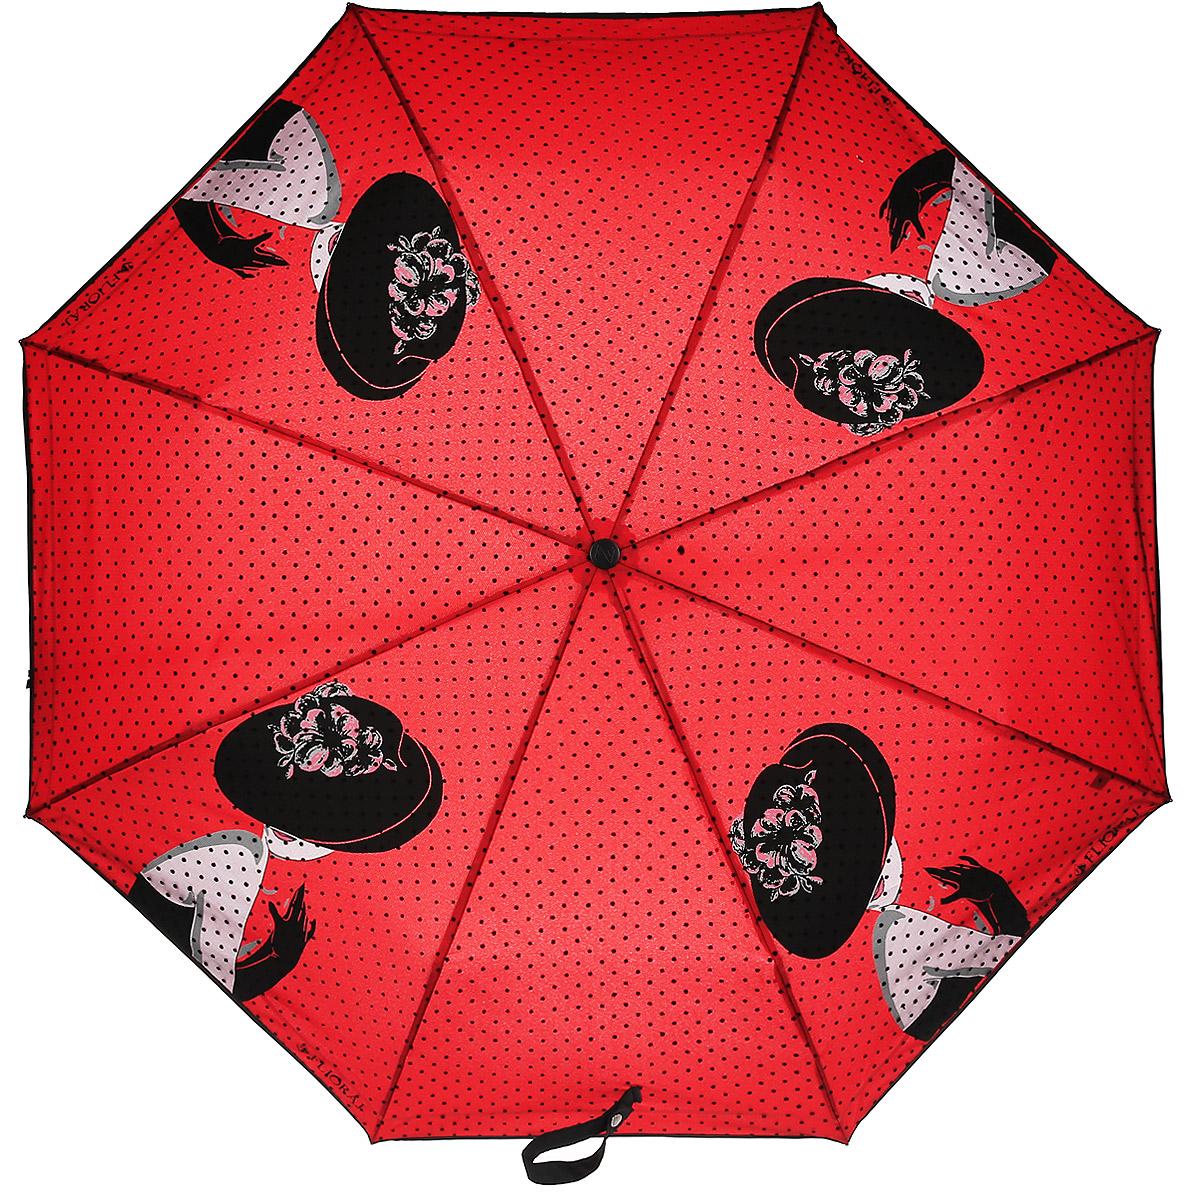 Зонт женский Flioraj, автомат, 3 сложения, цвет: красный. 22006 FJ22006 FJСтильный, элегантный зонт для женщин не позволит затеряться вам в толпе. Образ яркой незнакомки долго еще будет преследовать встречных мужчин. Специально разработанная эргономичная ручка позволит удобно держать зонт при любых порывах ветра. Уникальный каркас из анодированной стали, карбоновые спицы помогут выдержать натиск ураганного ветра. Улучшенный механизм зонта, максимально комфортная ручка держателя, увеличенный в длину стержень, тефлоновая пропитка материала купола - совершенство конструкции с изысканностью изделия на фоне конкурентоспособной цены.